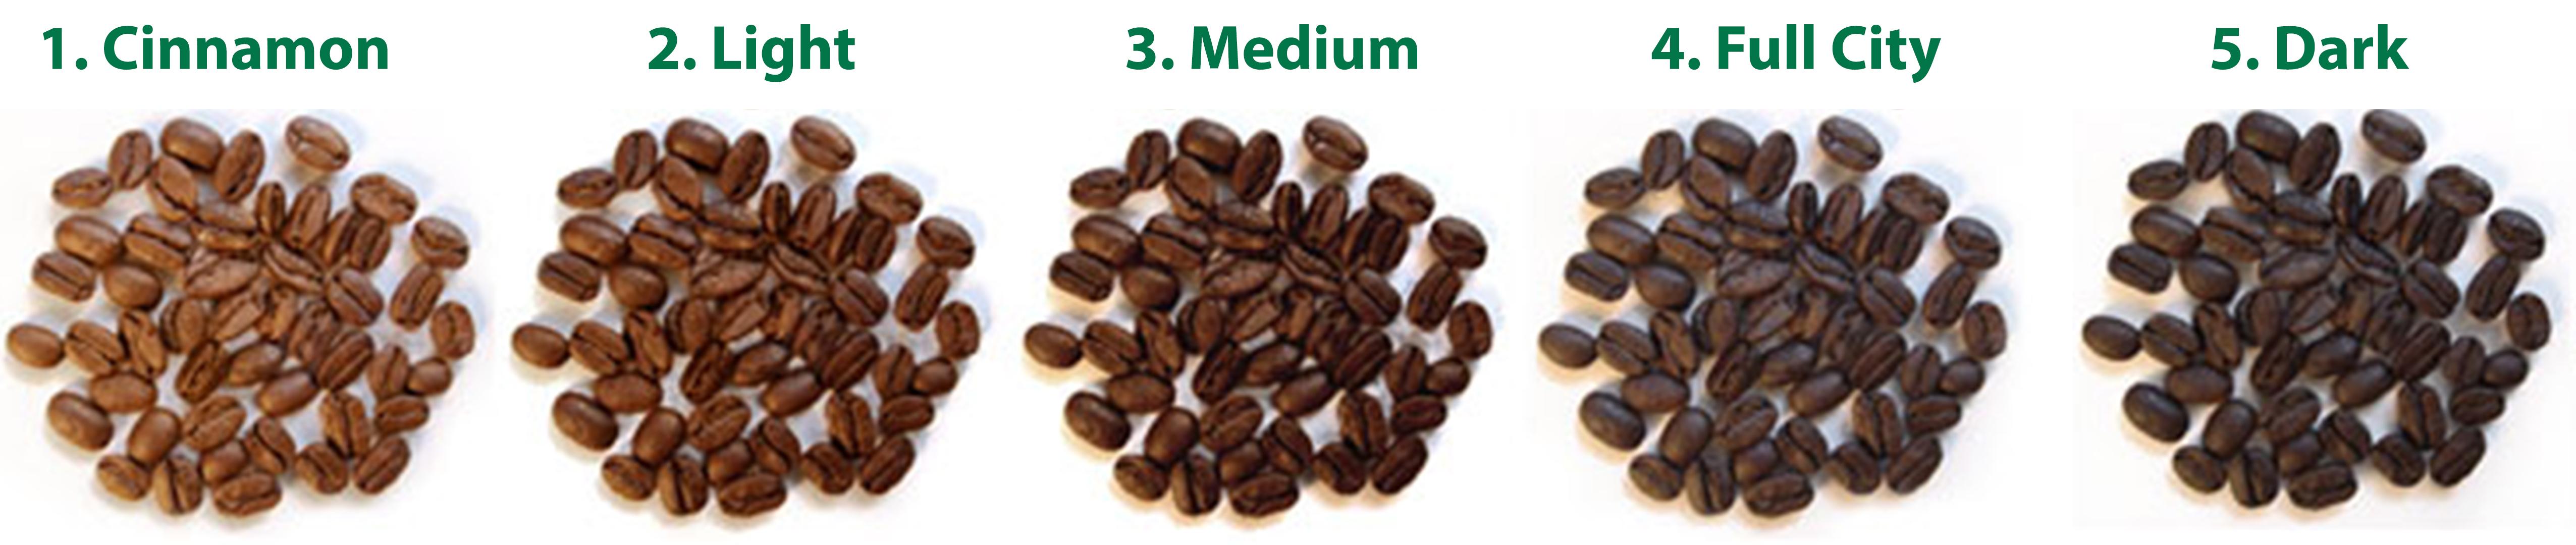 các cấp độ rang cà phê hạt